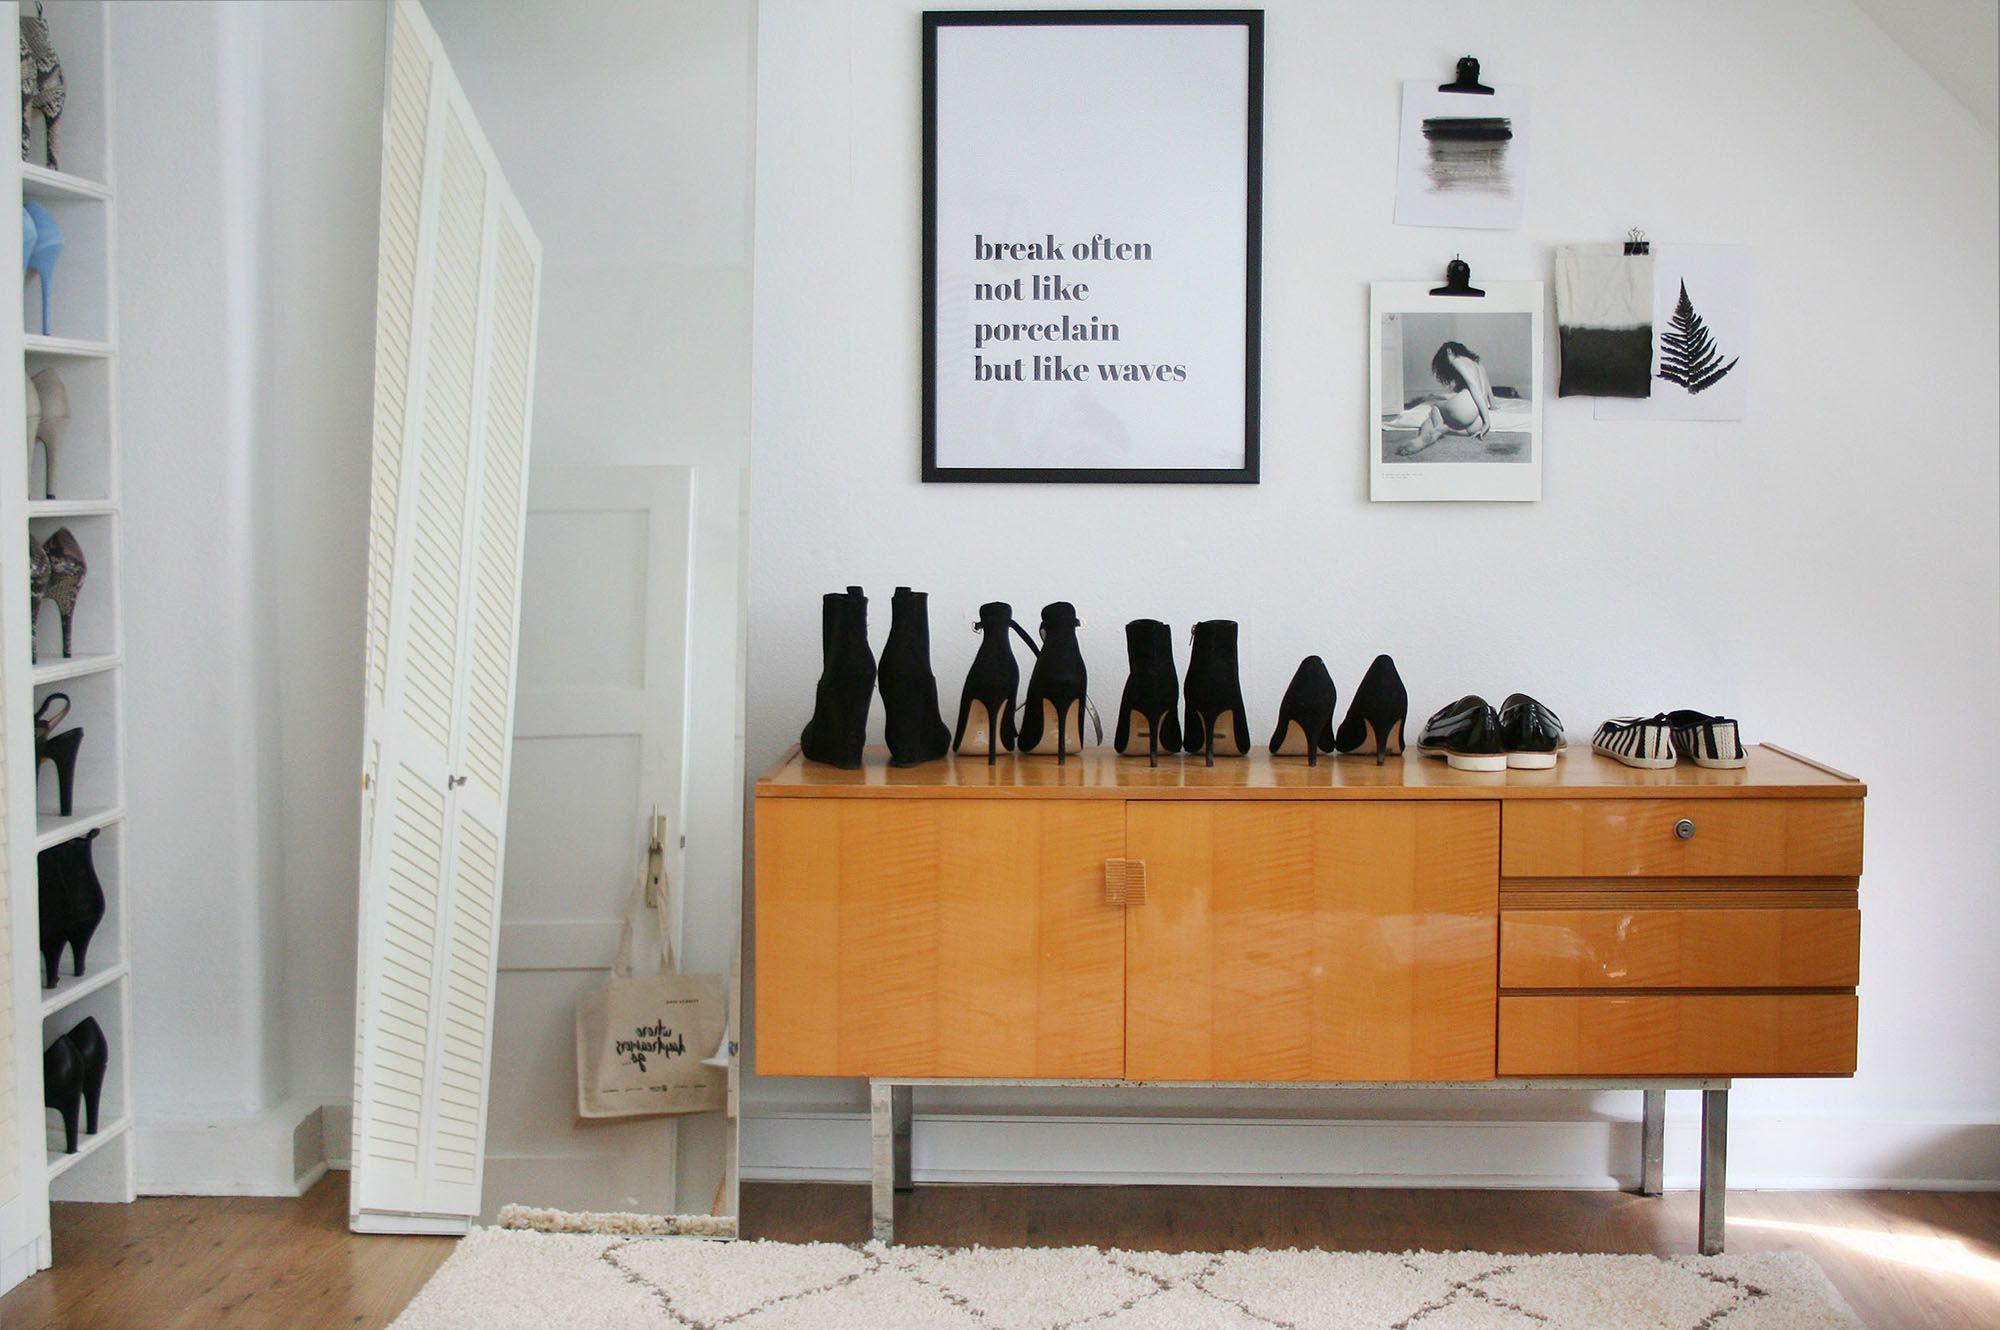 Einzel-schlafzimmer-wohndesign break often not like porcelain but like waves  interior wallart in